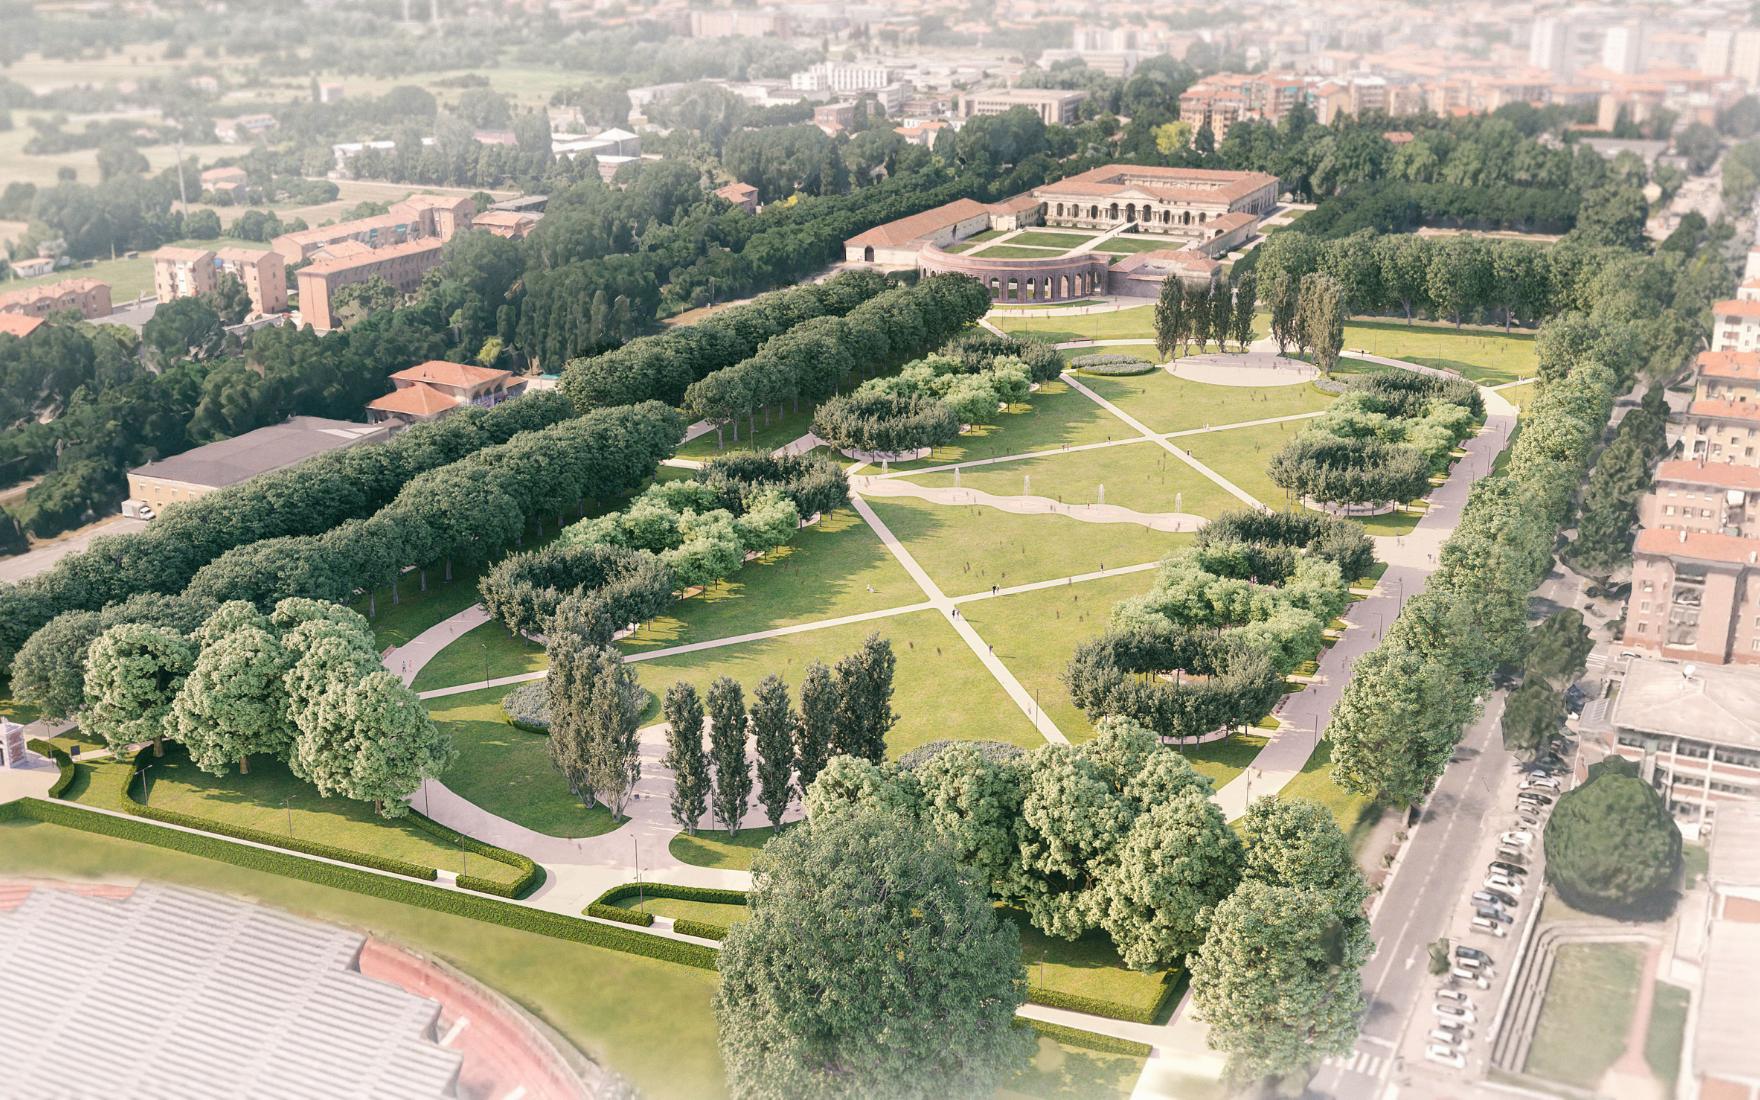 Presentazione pubblica di Parco Te a Mantova